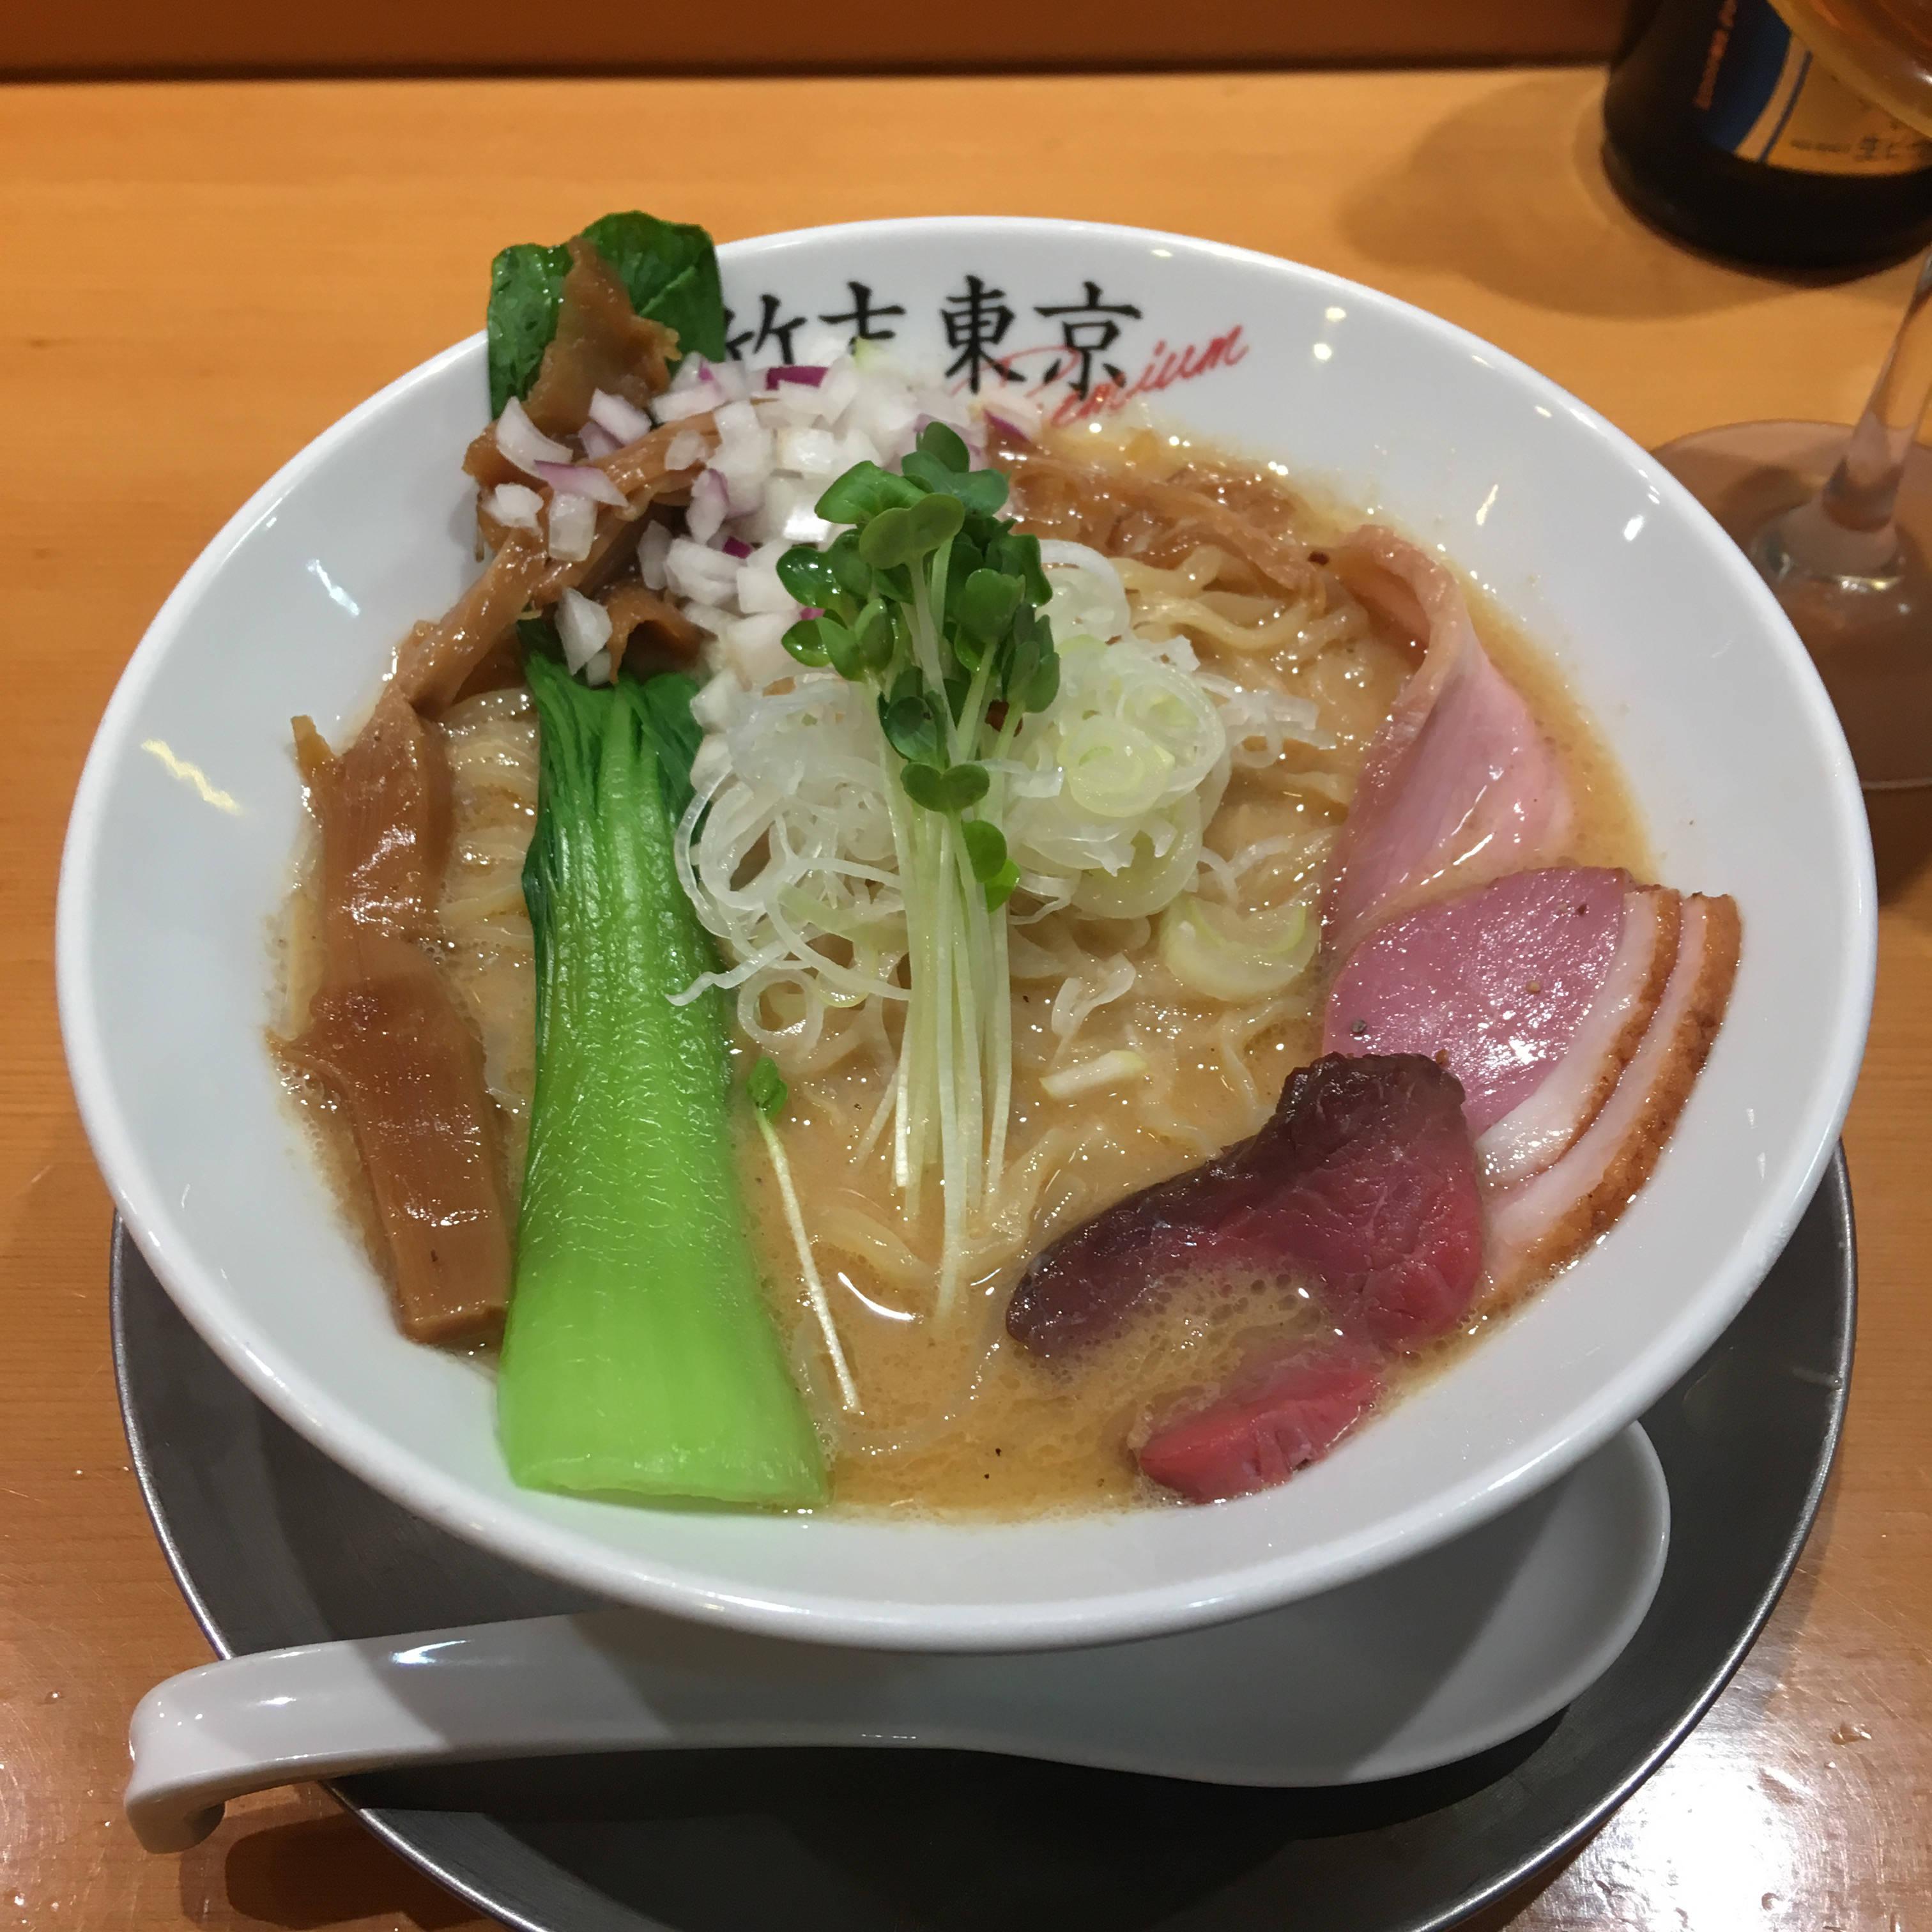 肉玉丼とヤシオマスの塩そば|竹末東京プレミアム